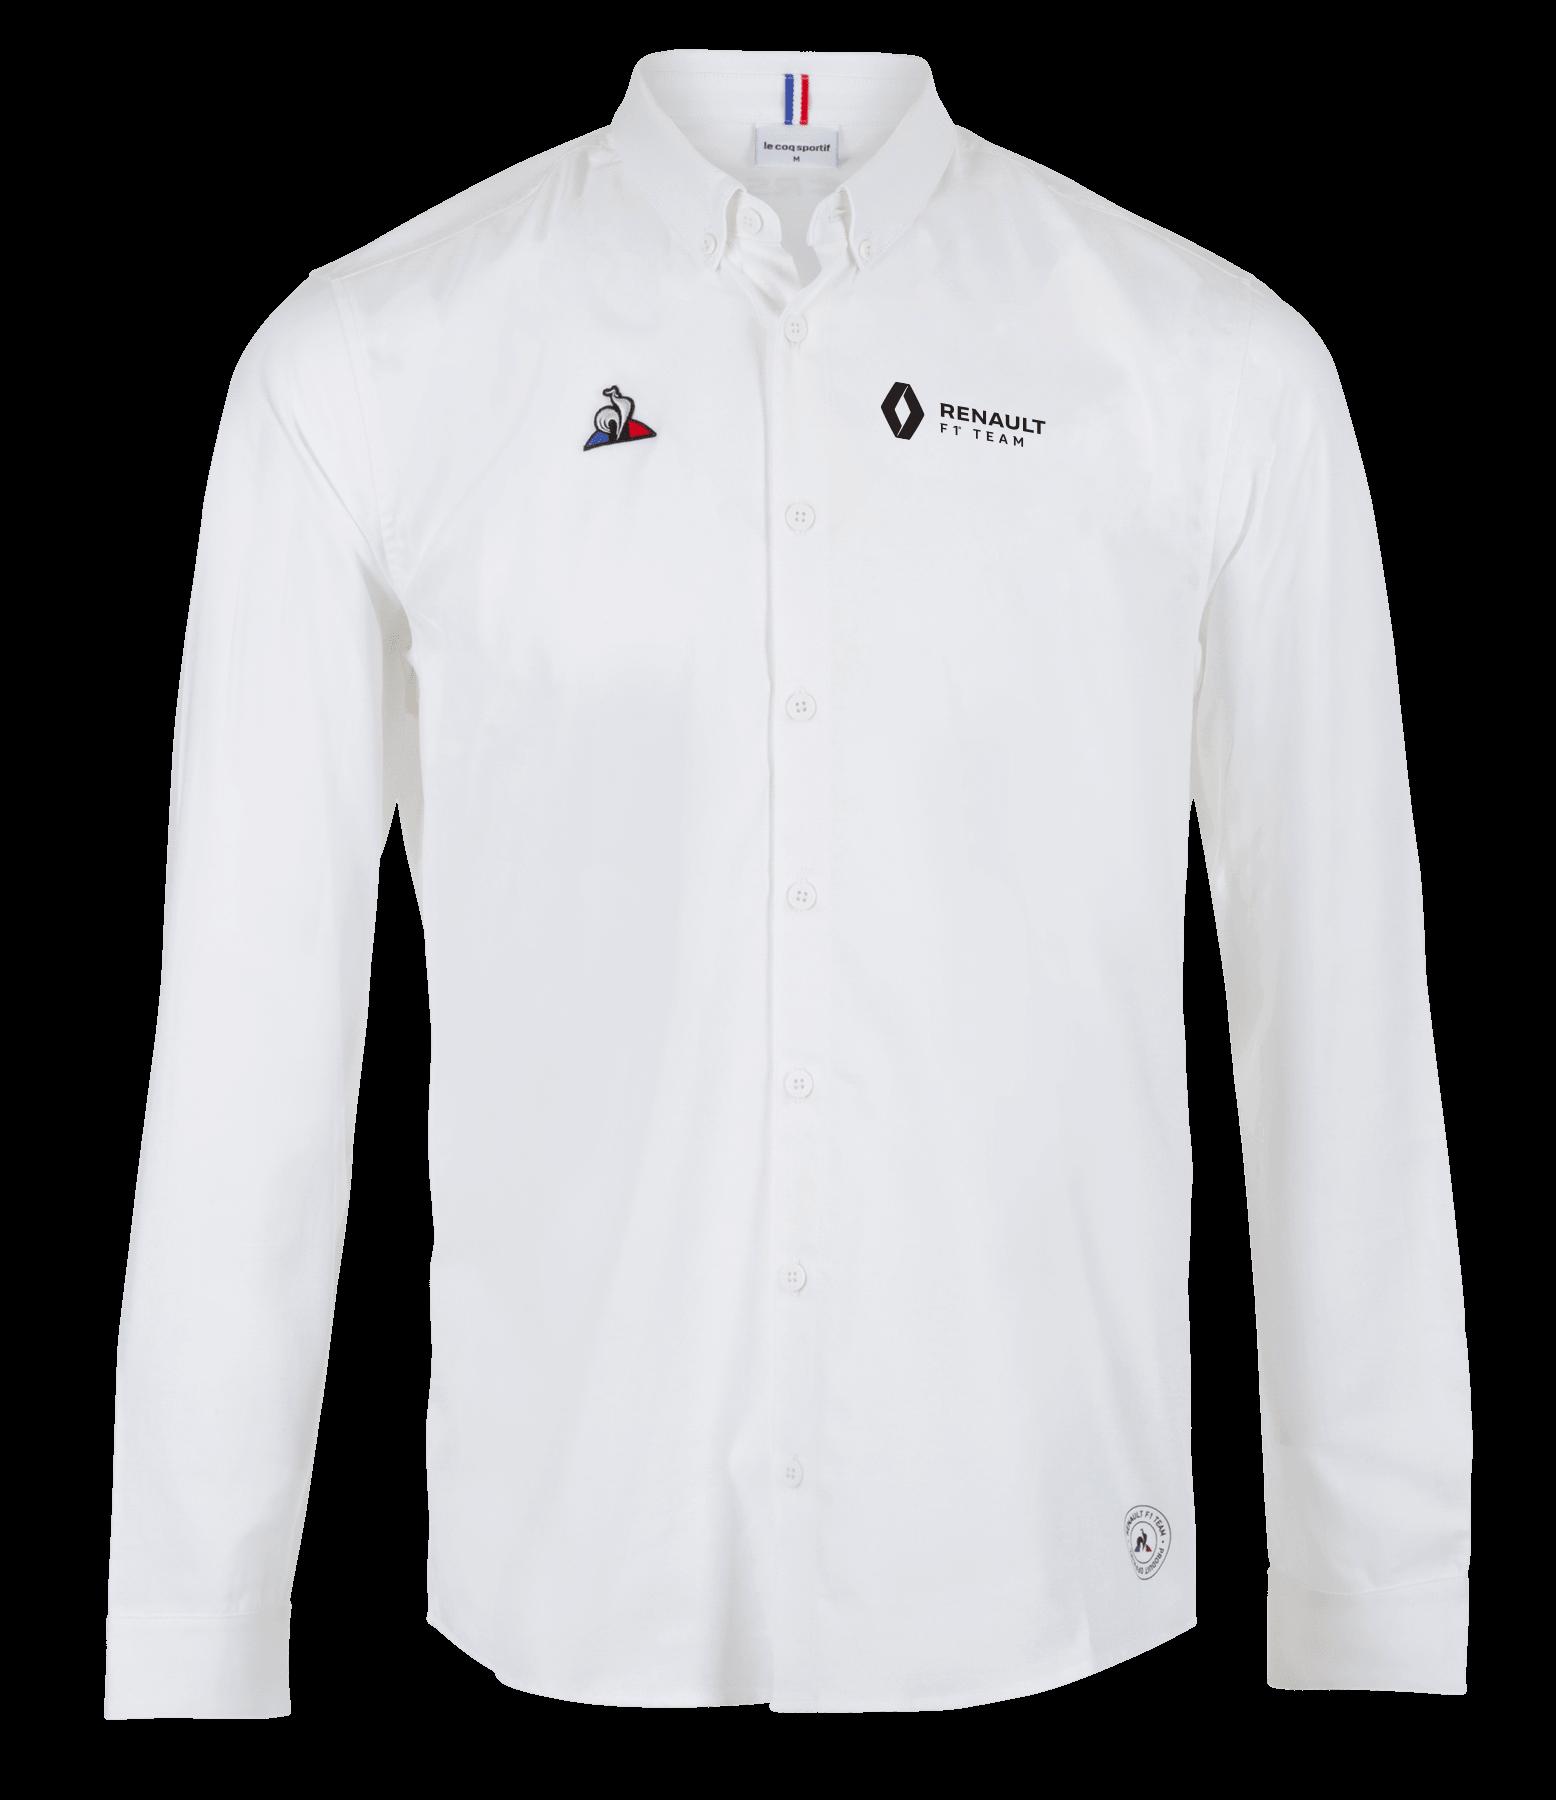 RENAULT F1® TEAM 2019 men's shirt - white